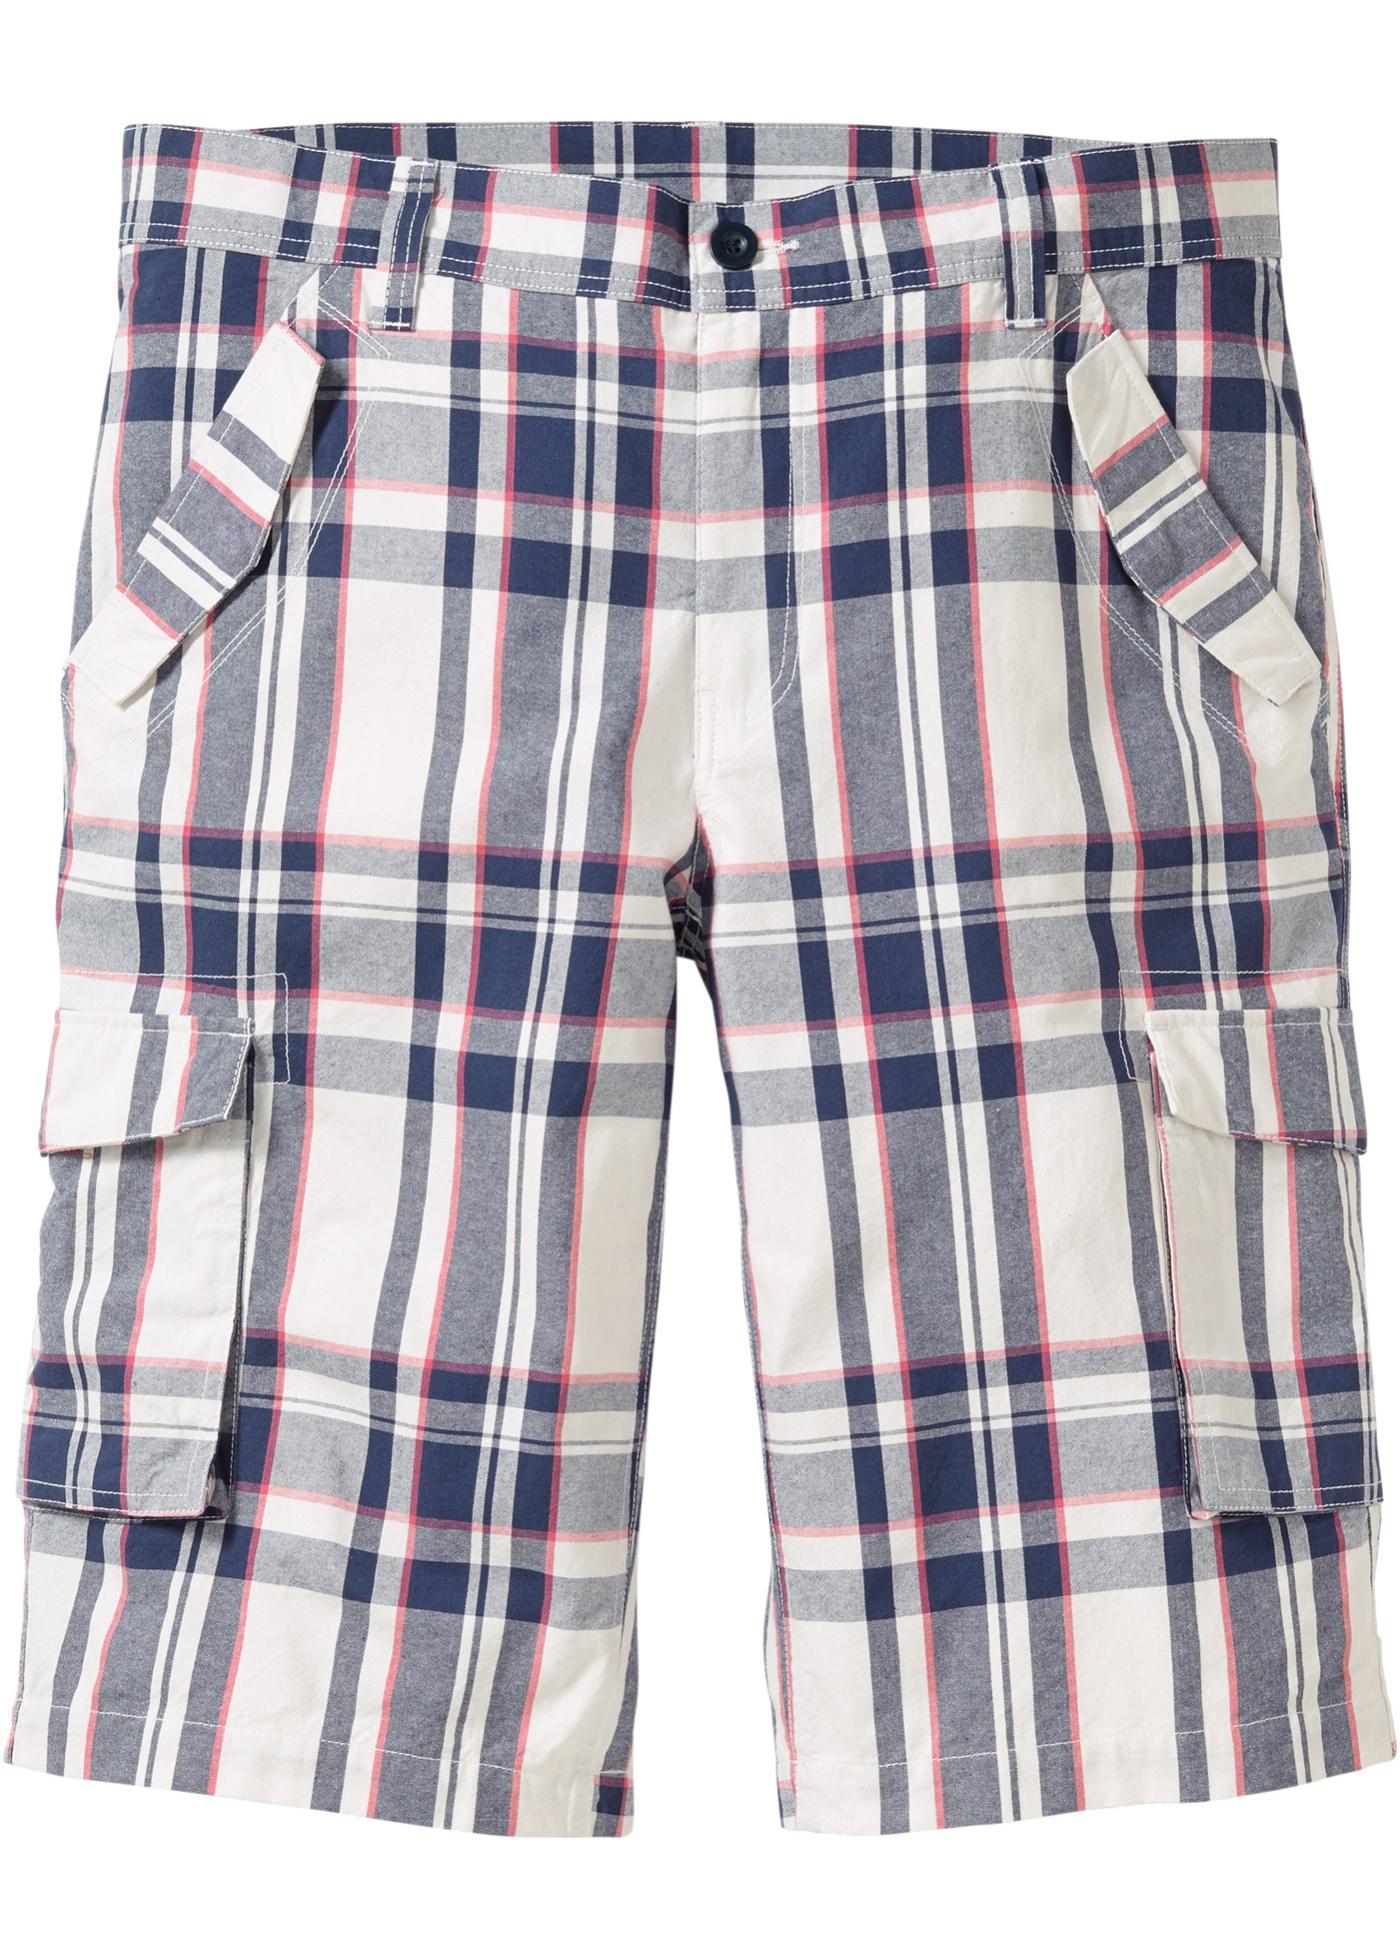 Bonprix SE - Shorts 299.00